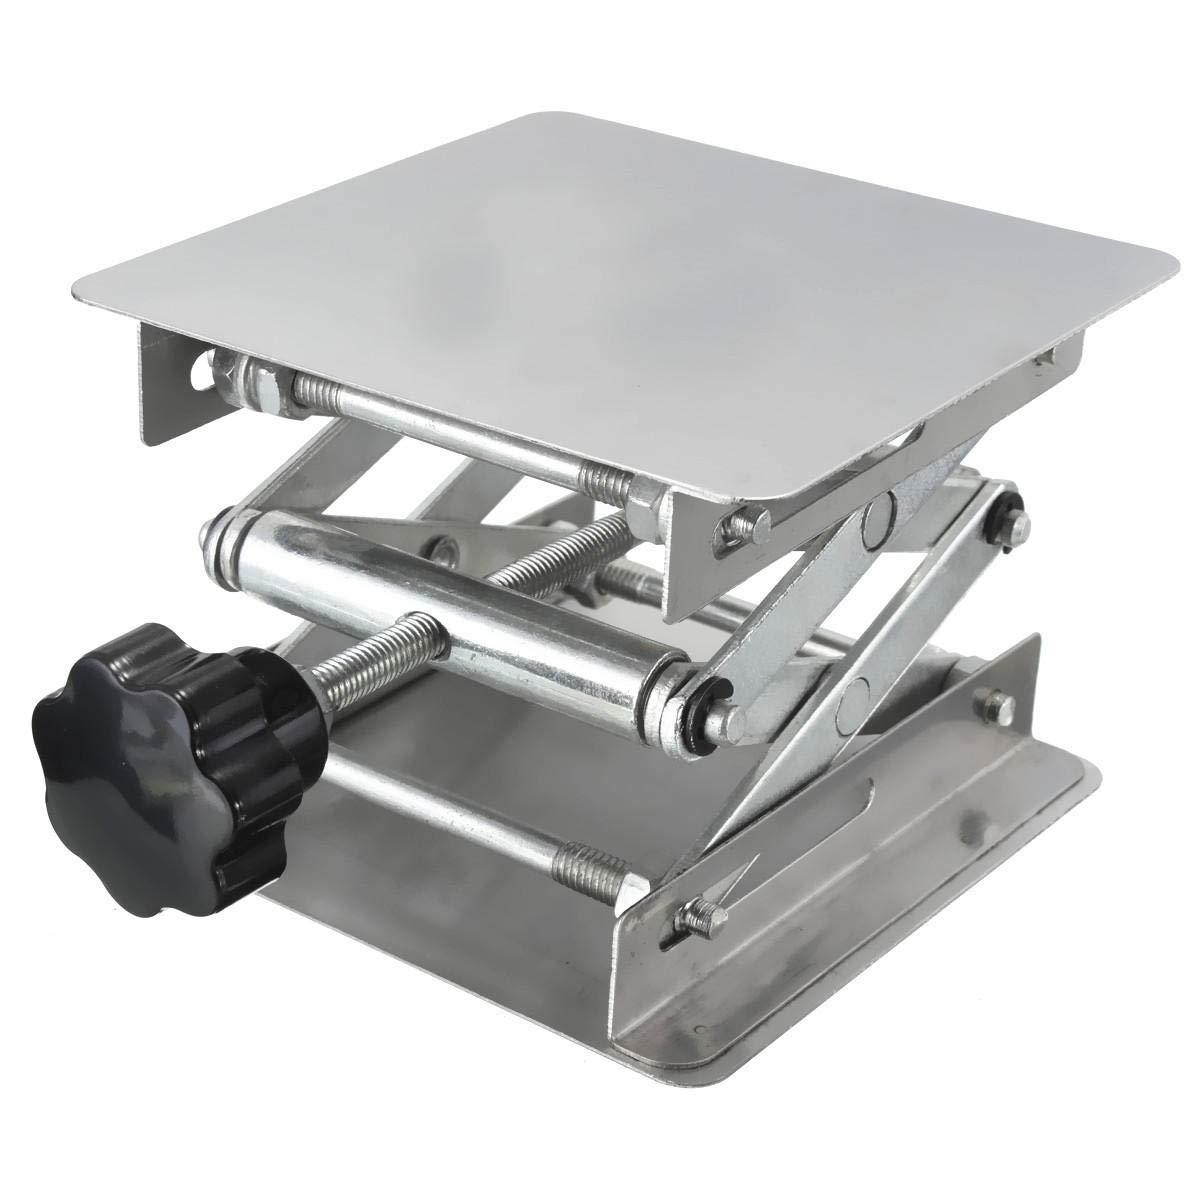 100ร-100ร-160mm Stainless Steel Lifts Laboratory Lifts Manual Control Lab Lifting Platforms 4ร-4 Inch